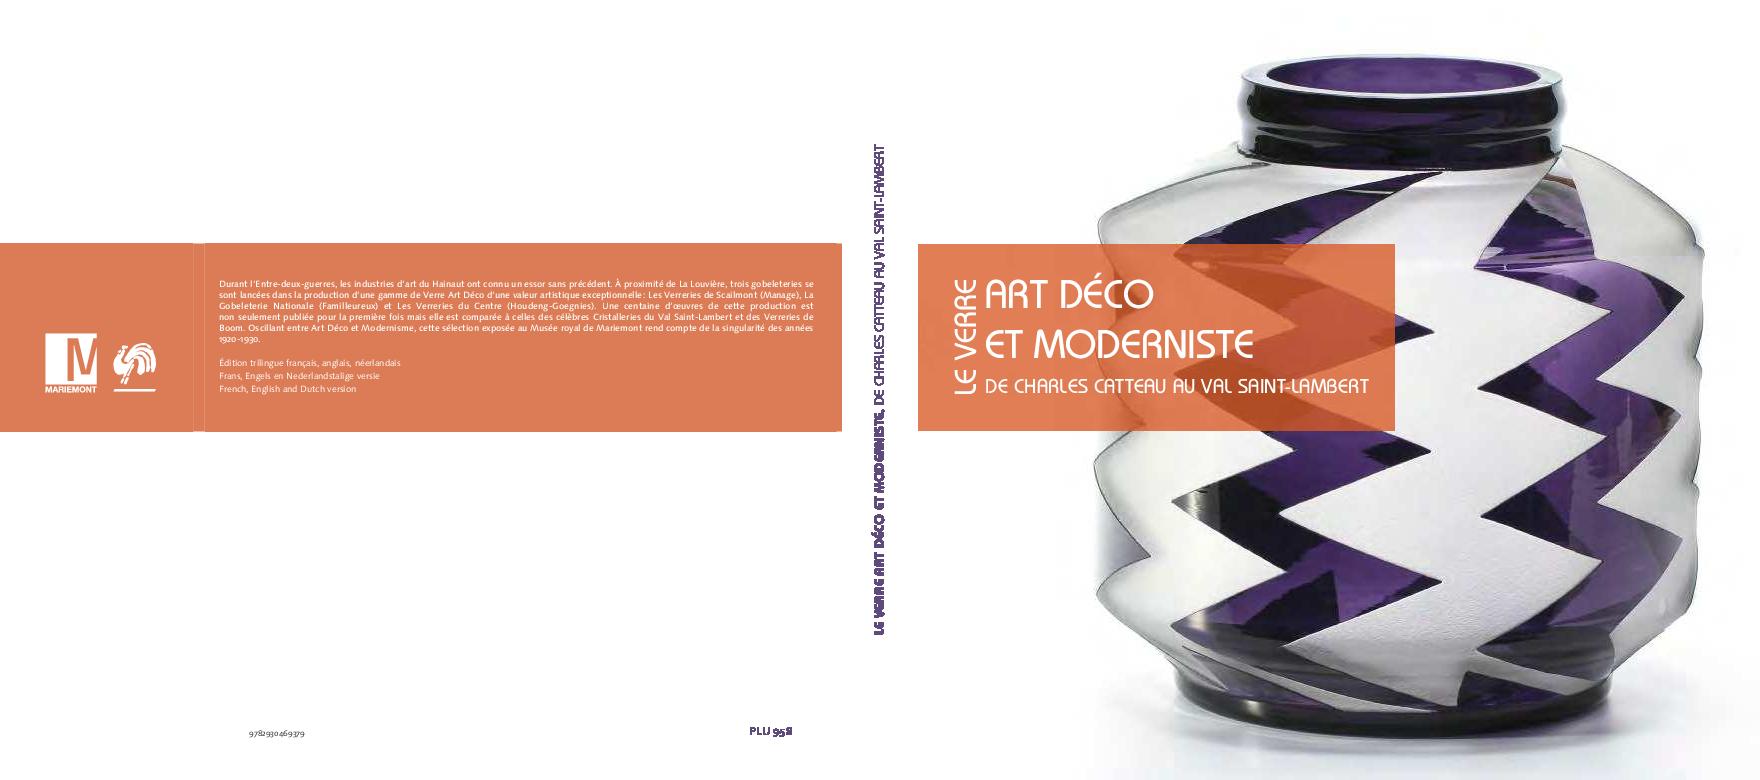 Le Verre Art Déco Et Moderniste De Charles Catteau Au Val Saint